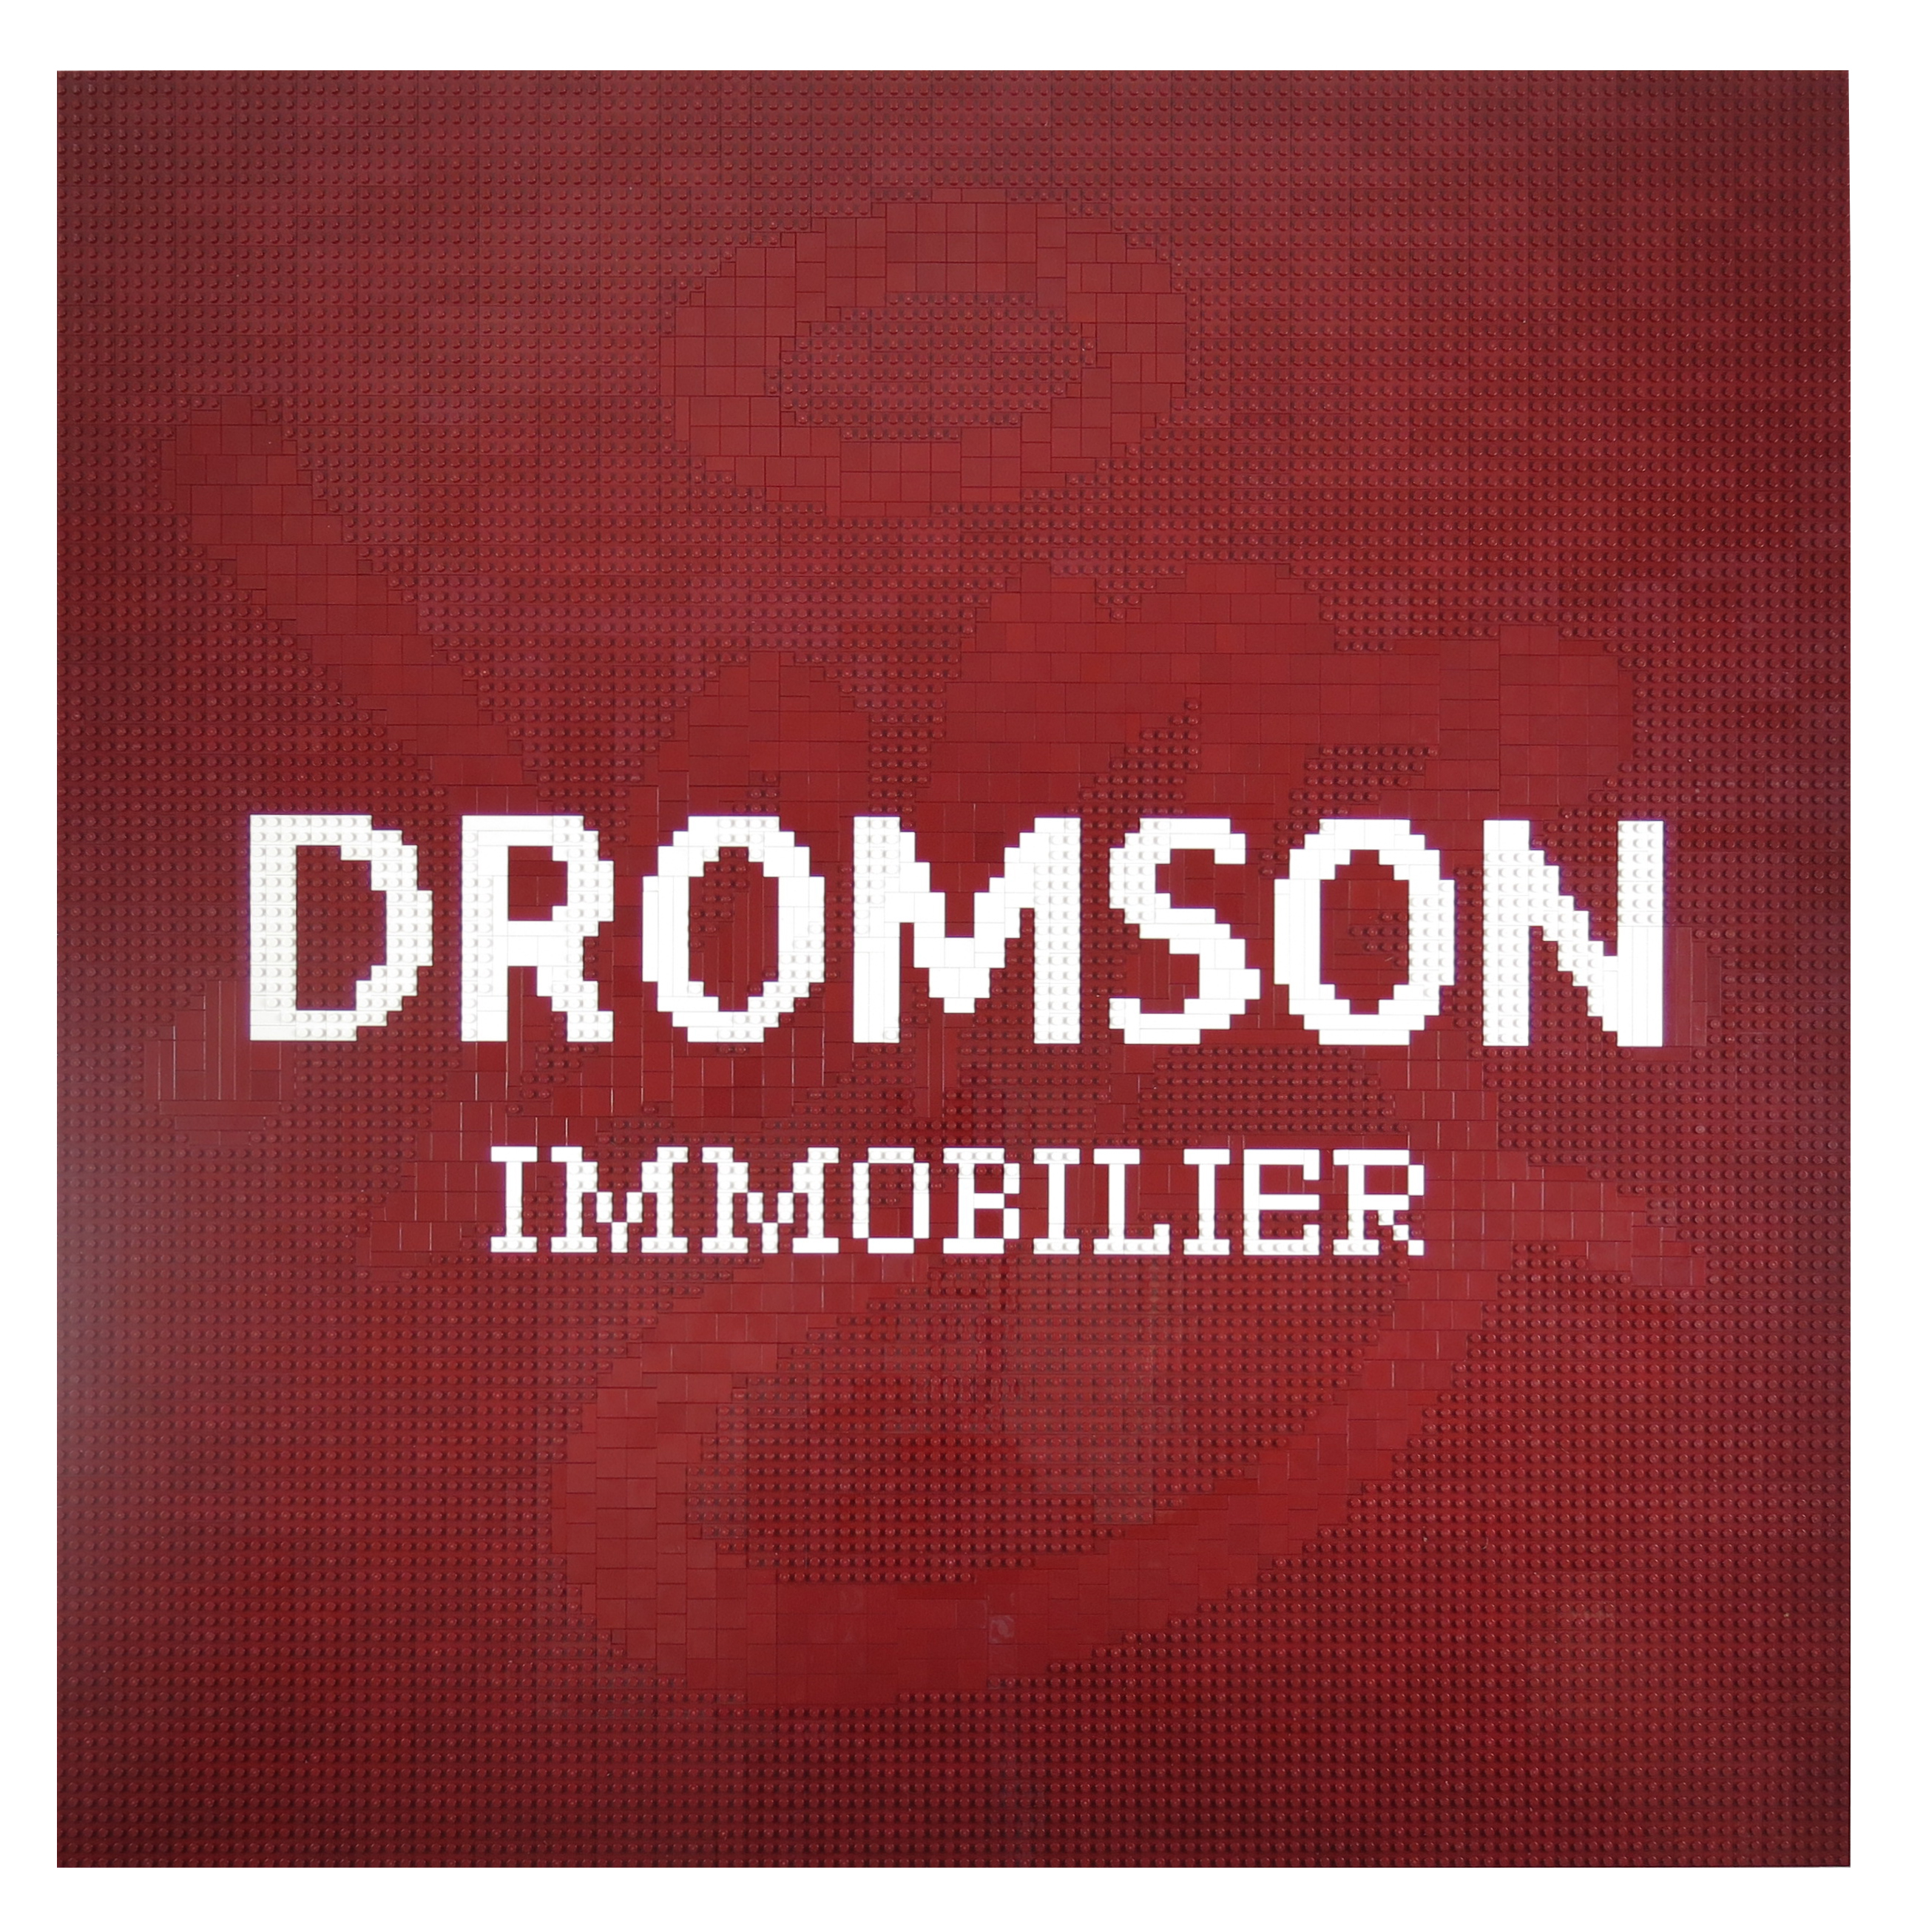 Dromson immobilier